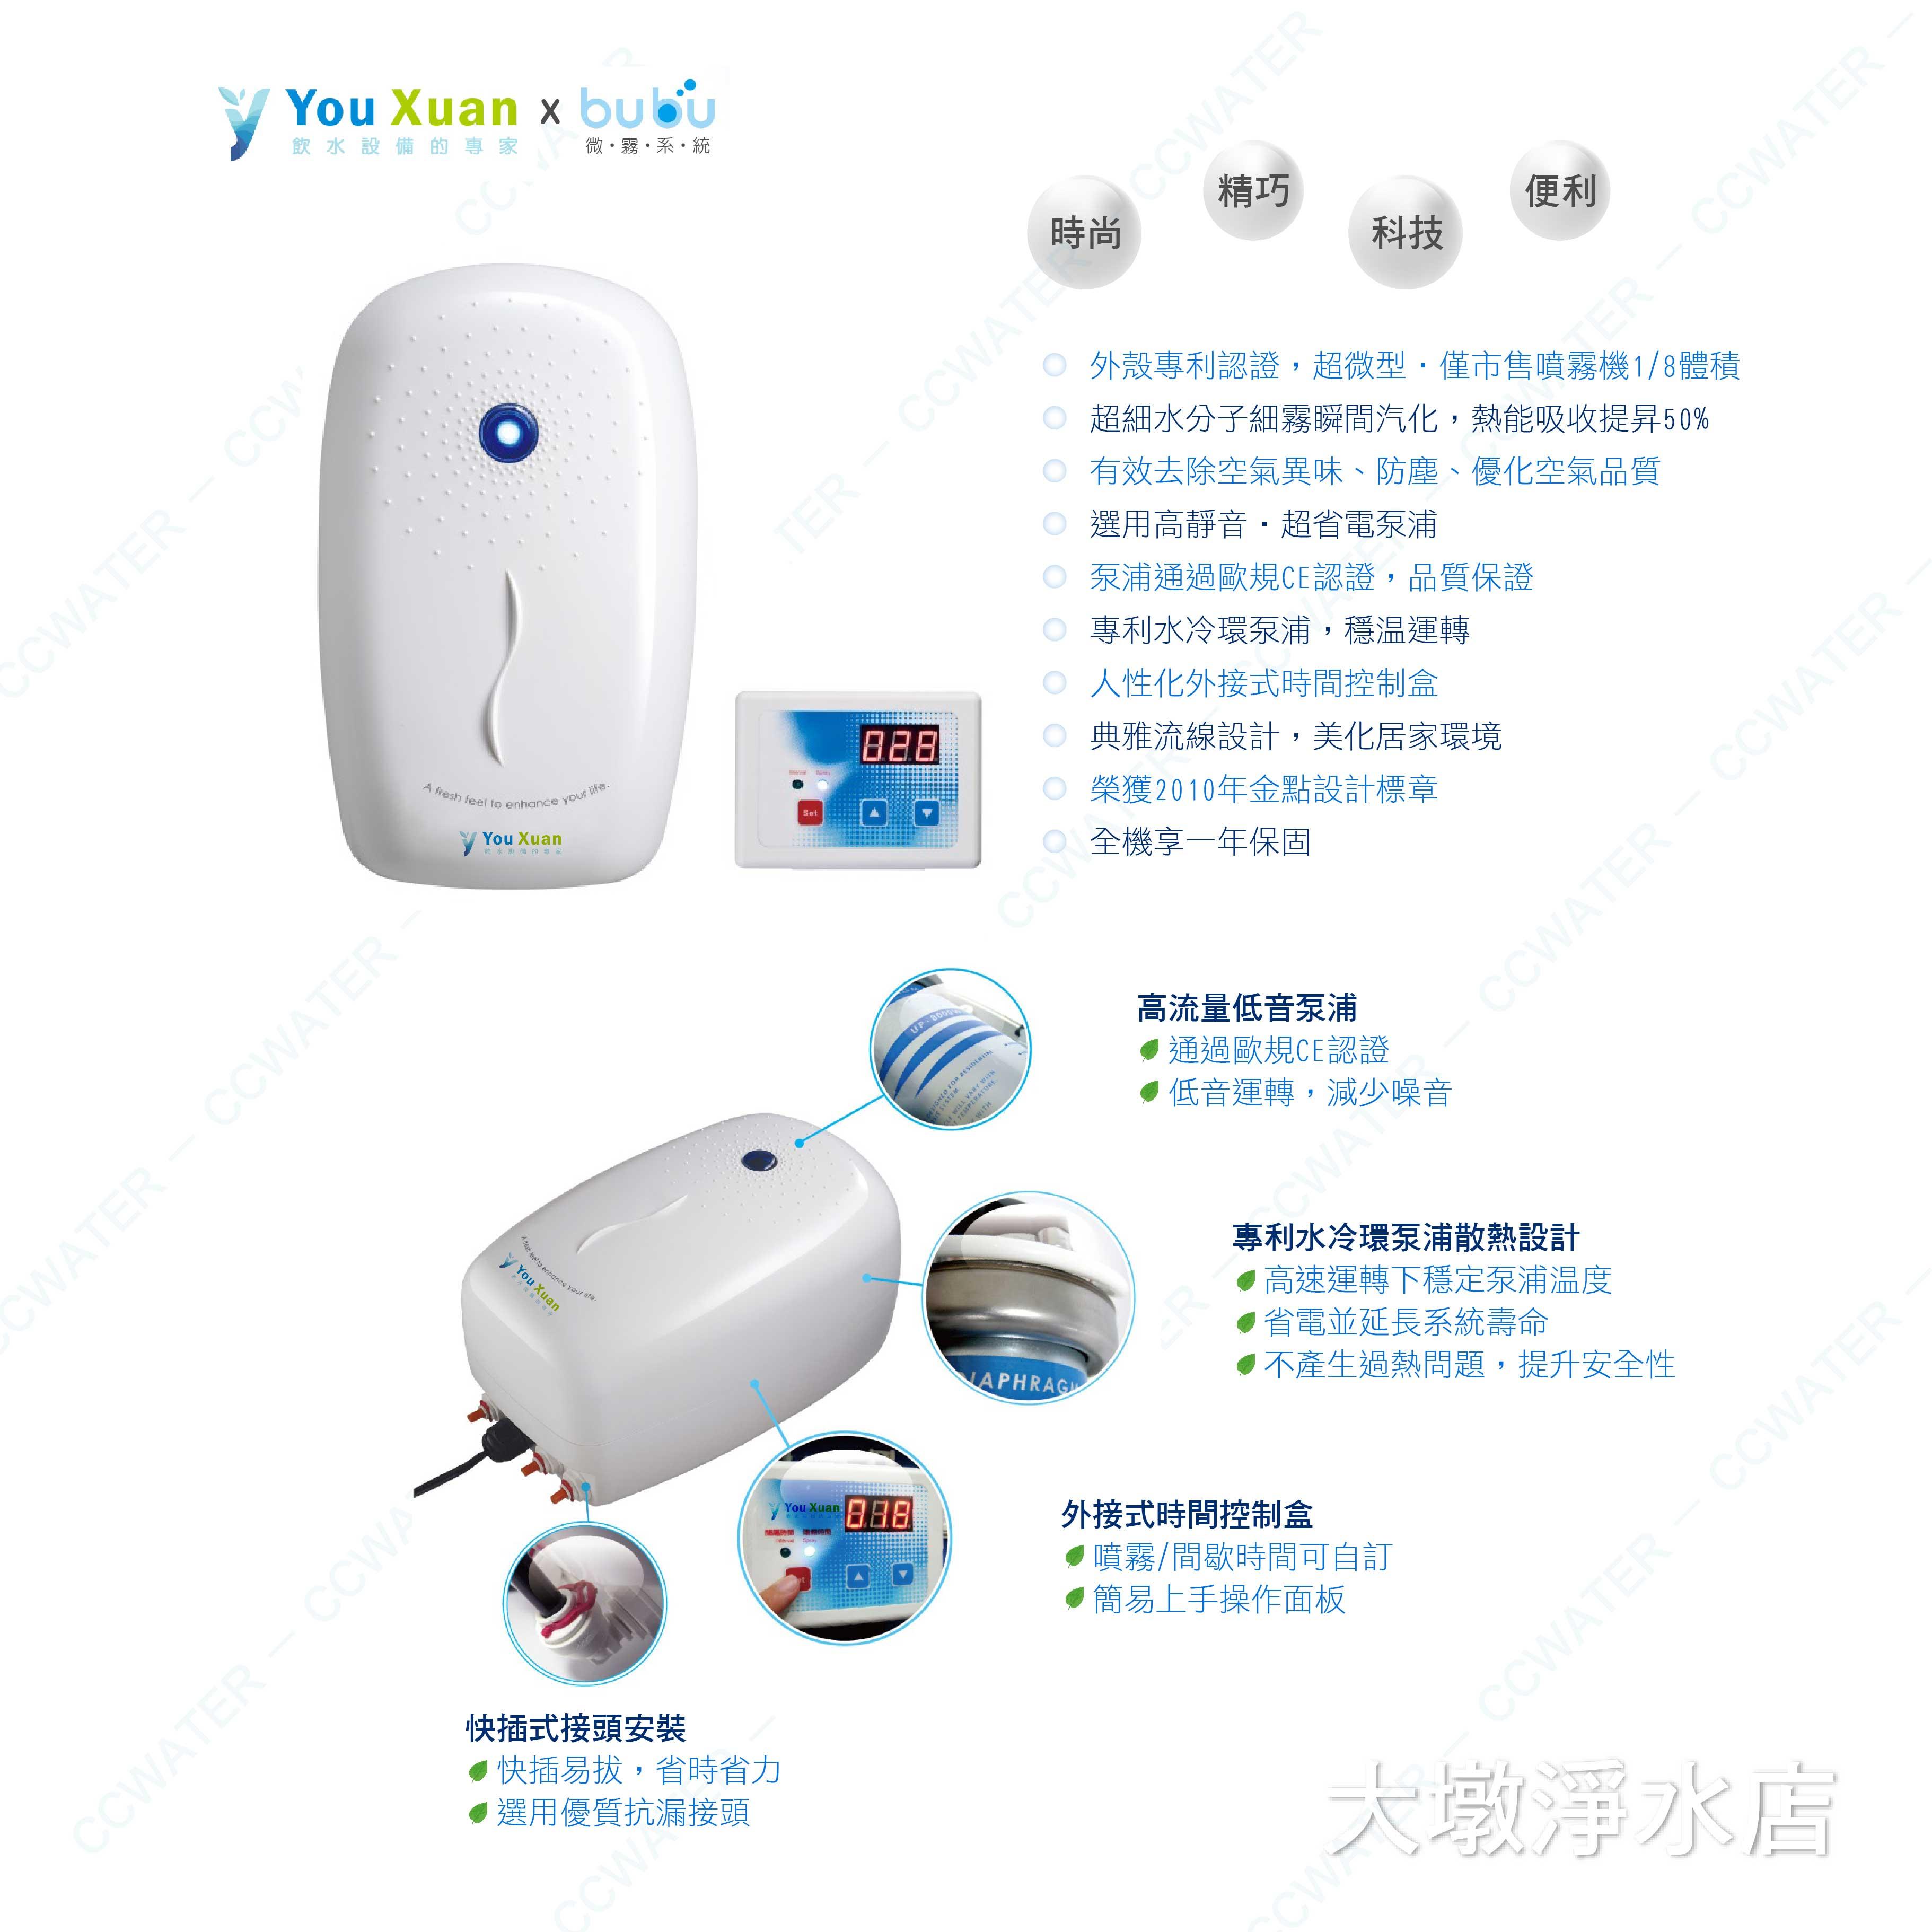 微霧降溫、倉庫冷氣機*適用室內溫外、微霧降溫、低溫保濕、省電冷氣,完工價只要10888元